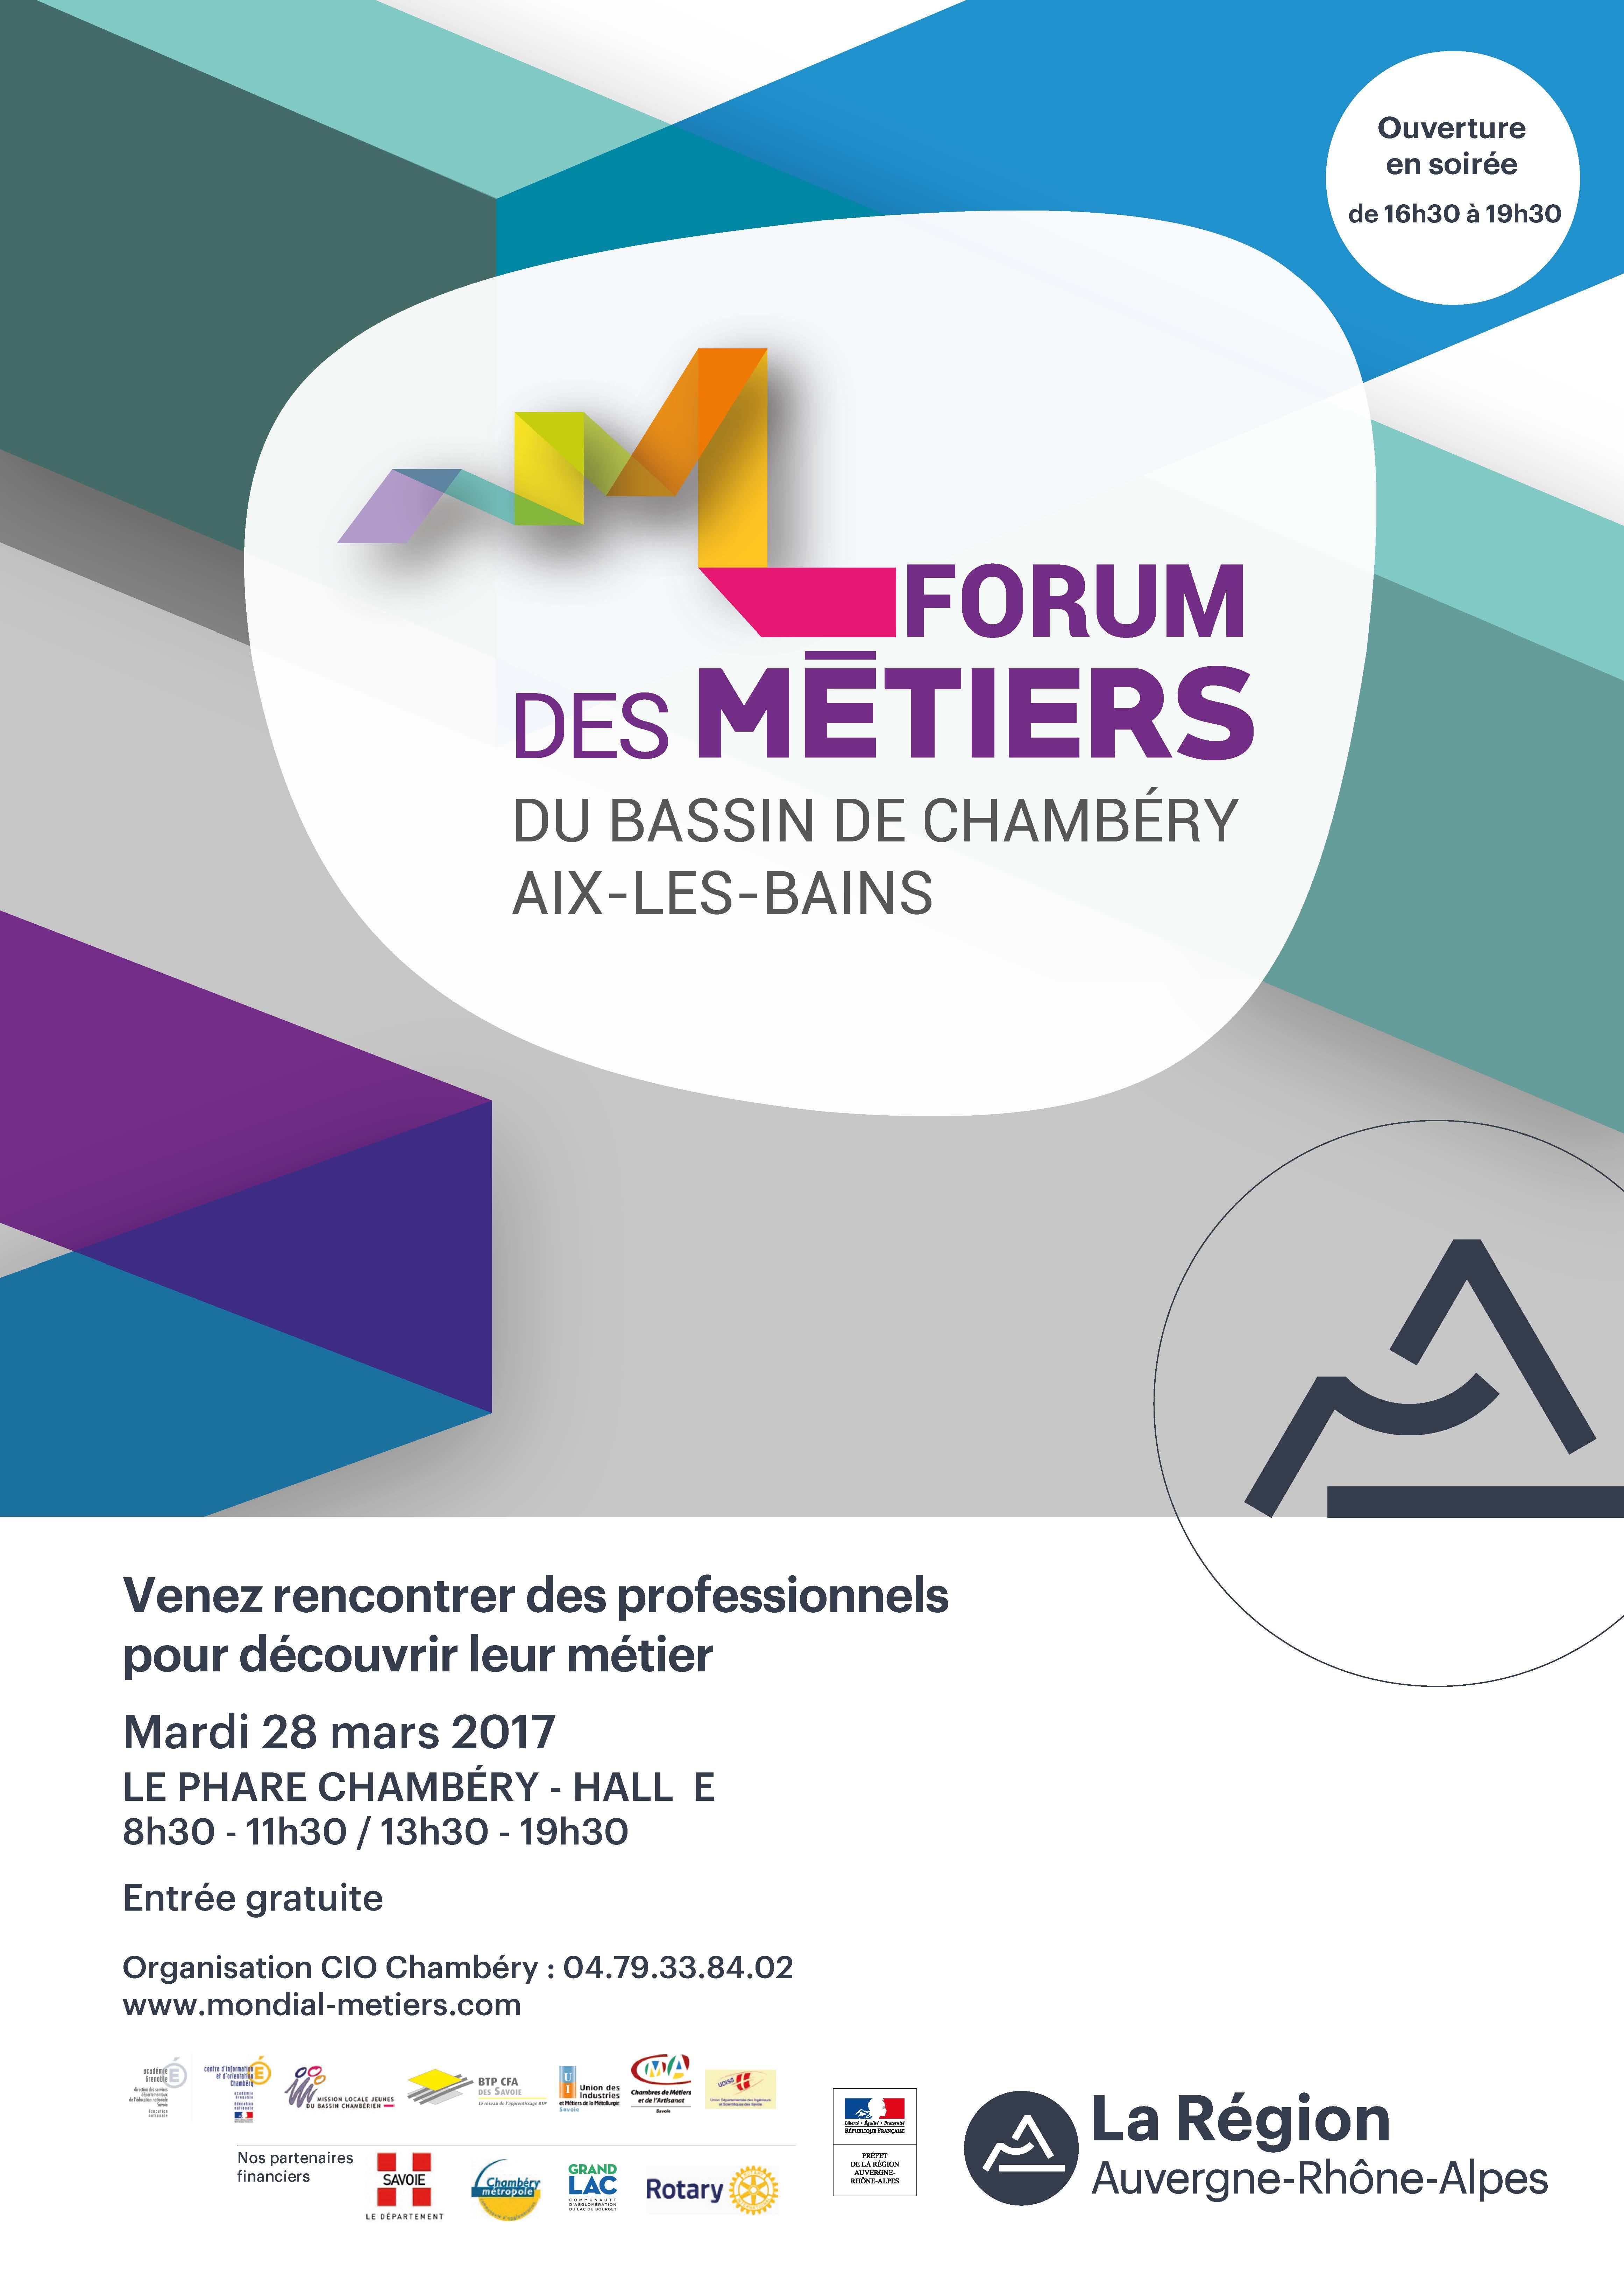 Forum des Métiers du Bassin de Chambéry / Aix-les-Bains